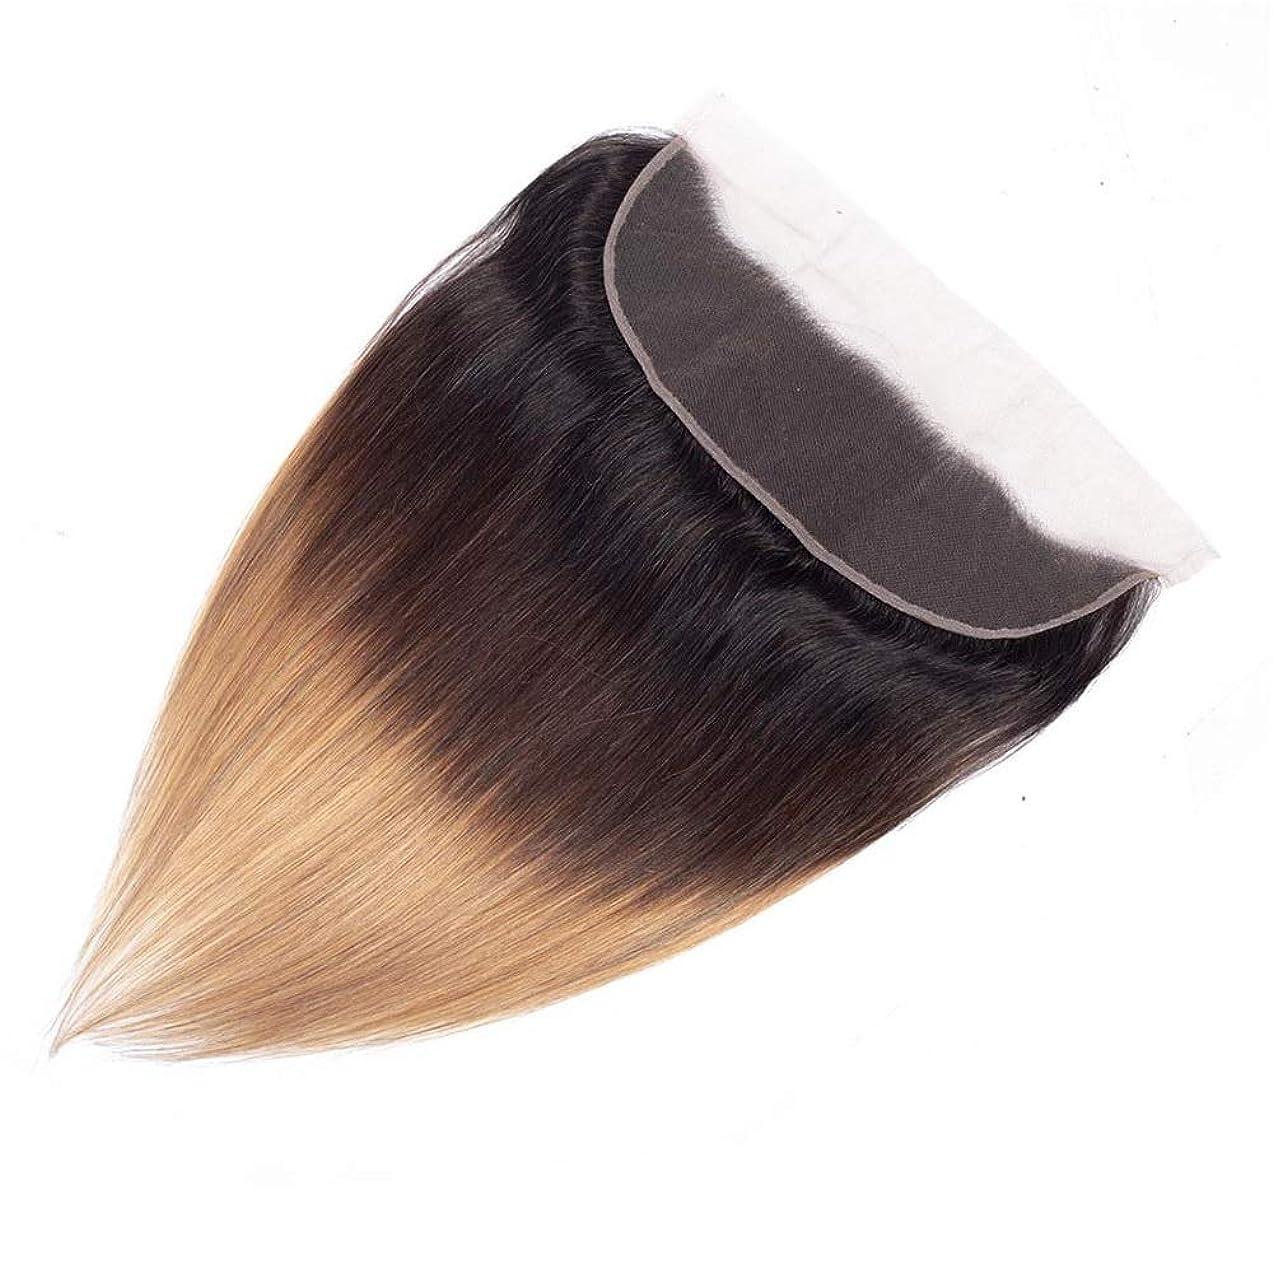 境界設計図下るVergeania レースの閉鎖とストレートオンブルバージンヘア - ブラウン3トーンカラーヘアエクステンション織り横糸ファッションウィッグ (Color : ブラウン, サイズ : 12 inch)